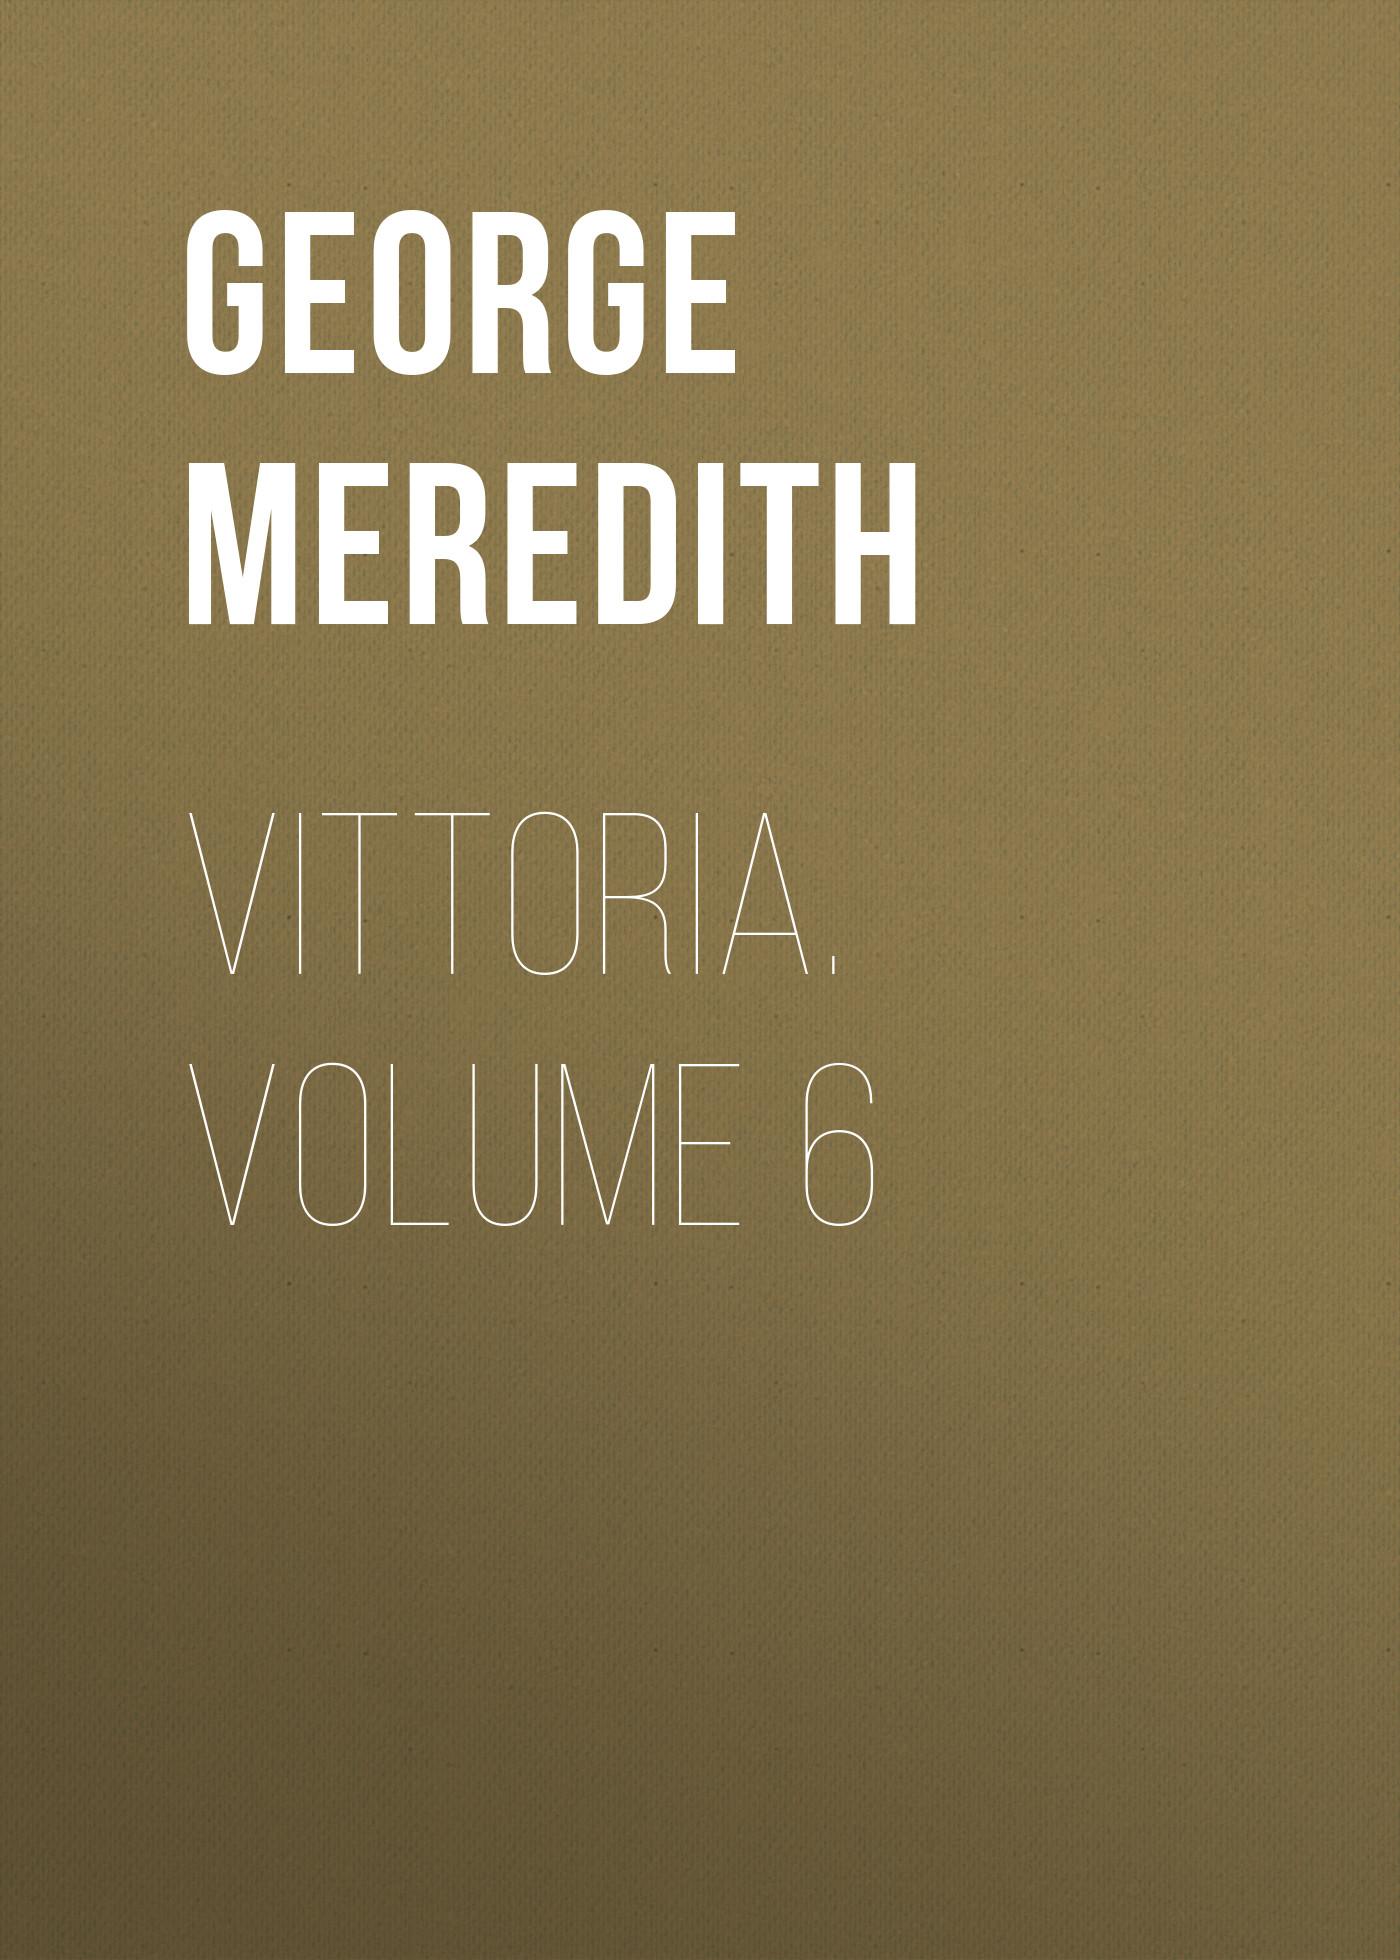 Vittoria. Volume 6